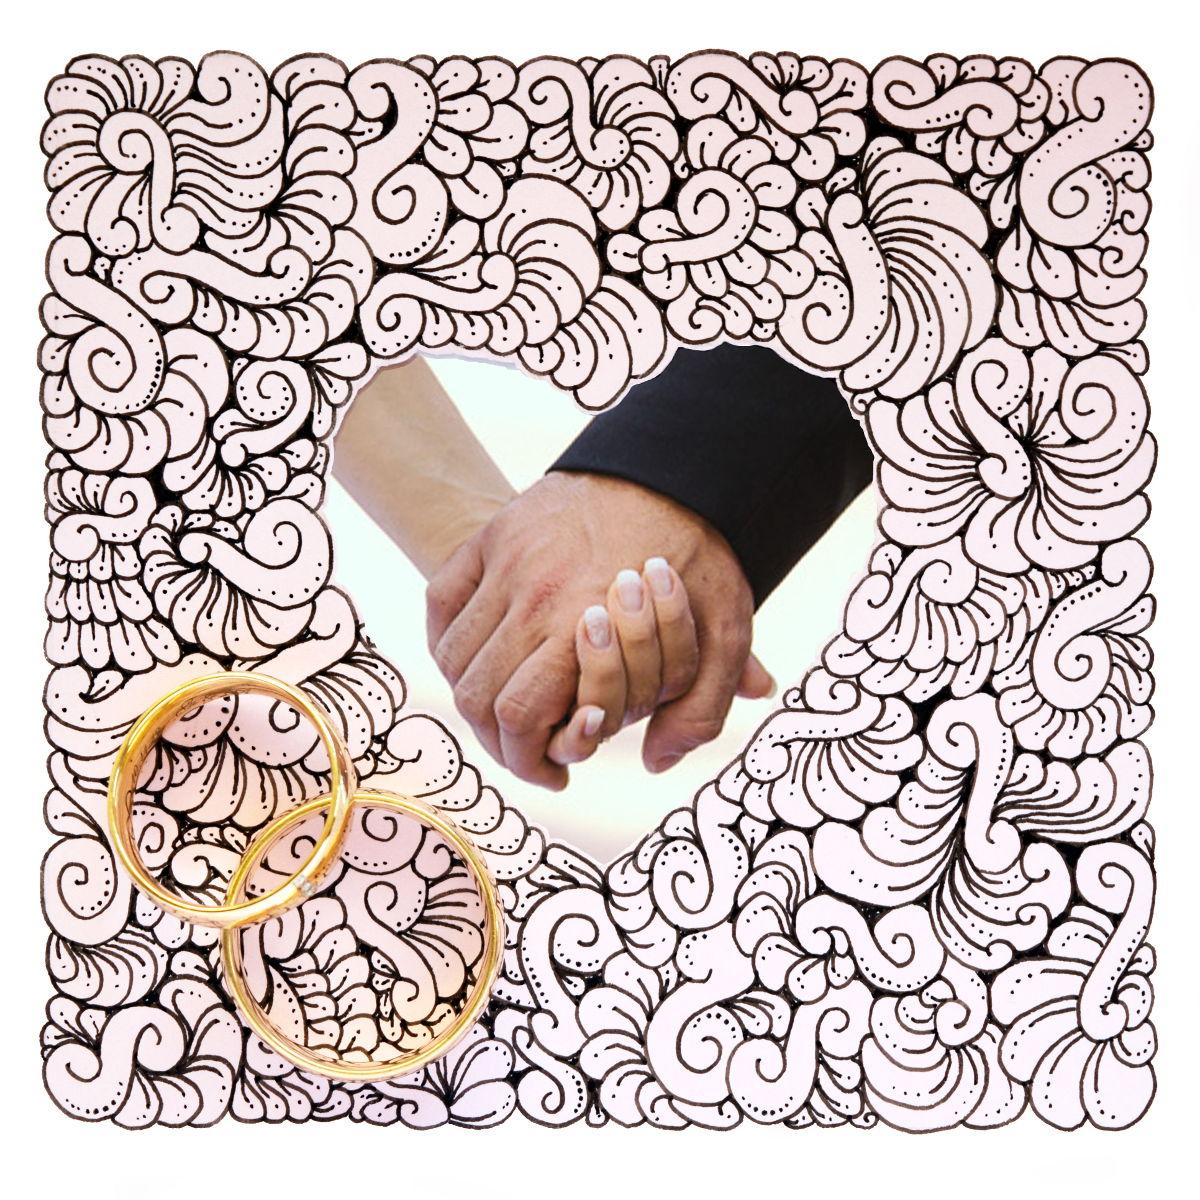 Doodle mit Herz-Ausschnitt zum Hochzeitstag